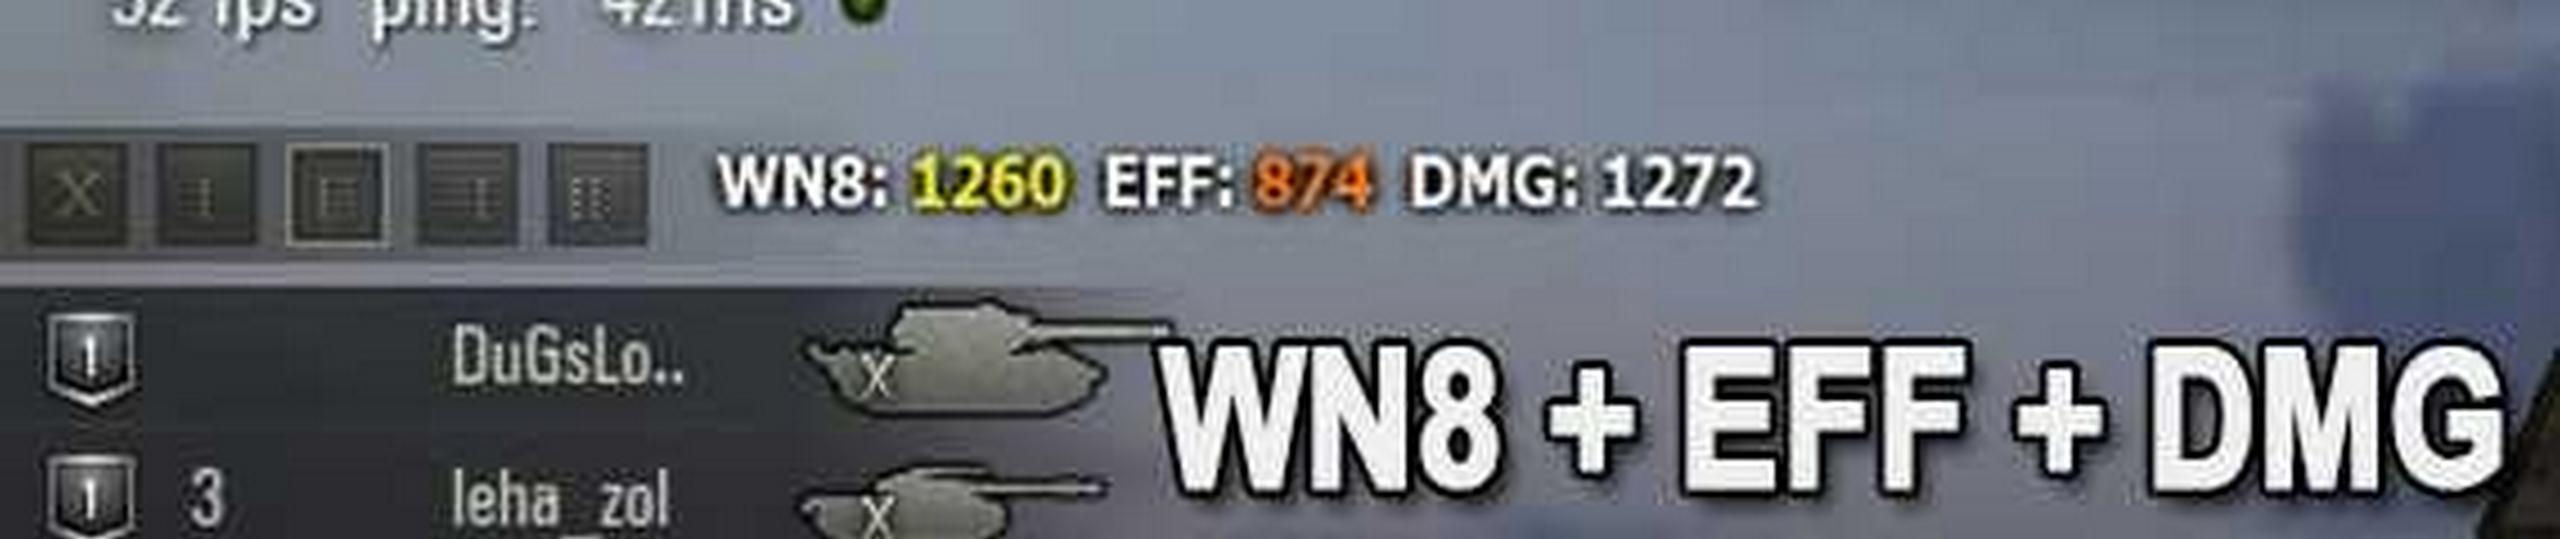 WN8 EFF DMG